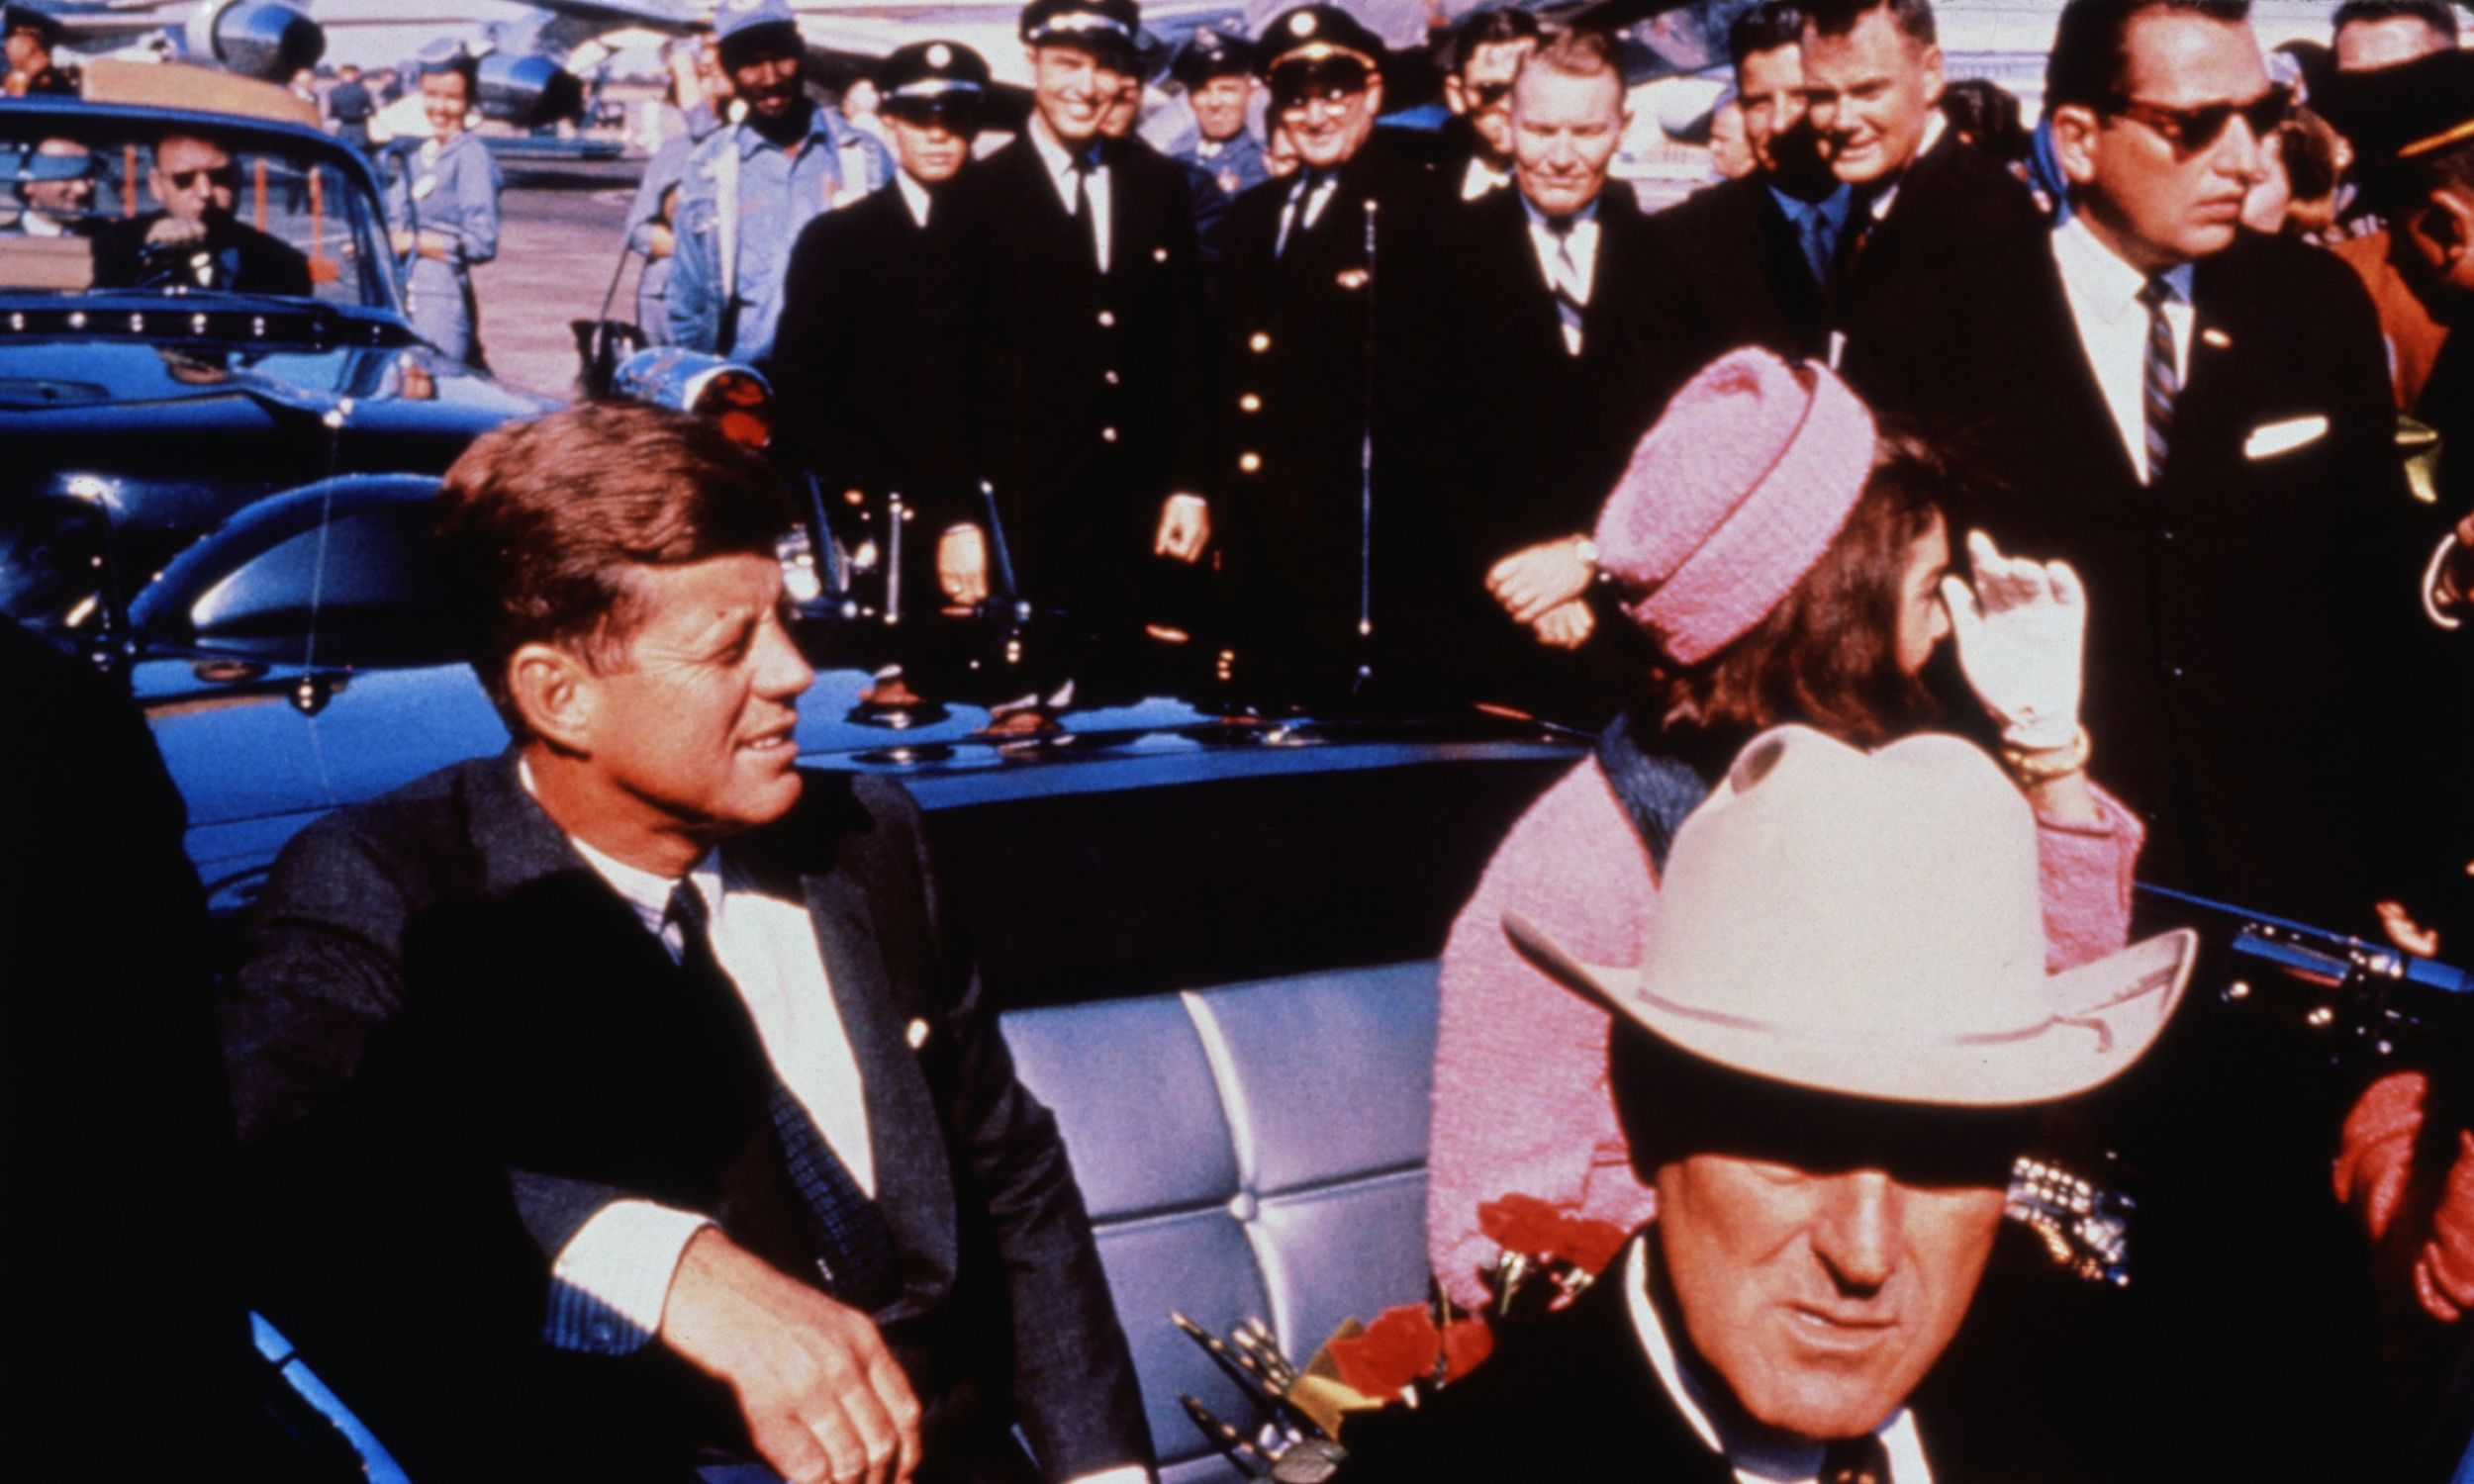 Ostatni przejazd pary prezydenckiej z lotniska do Dallas, 22 listopada 1963. Na przednim siedzeniu gubernator Teksasu John Connally. JFK został zamordowany w tym samochodzie, gdy witał się z tłumem. Fot. getty Images